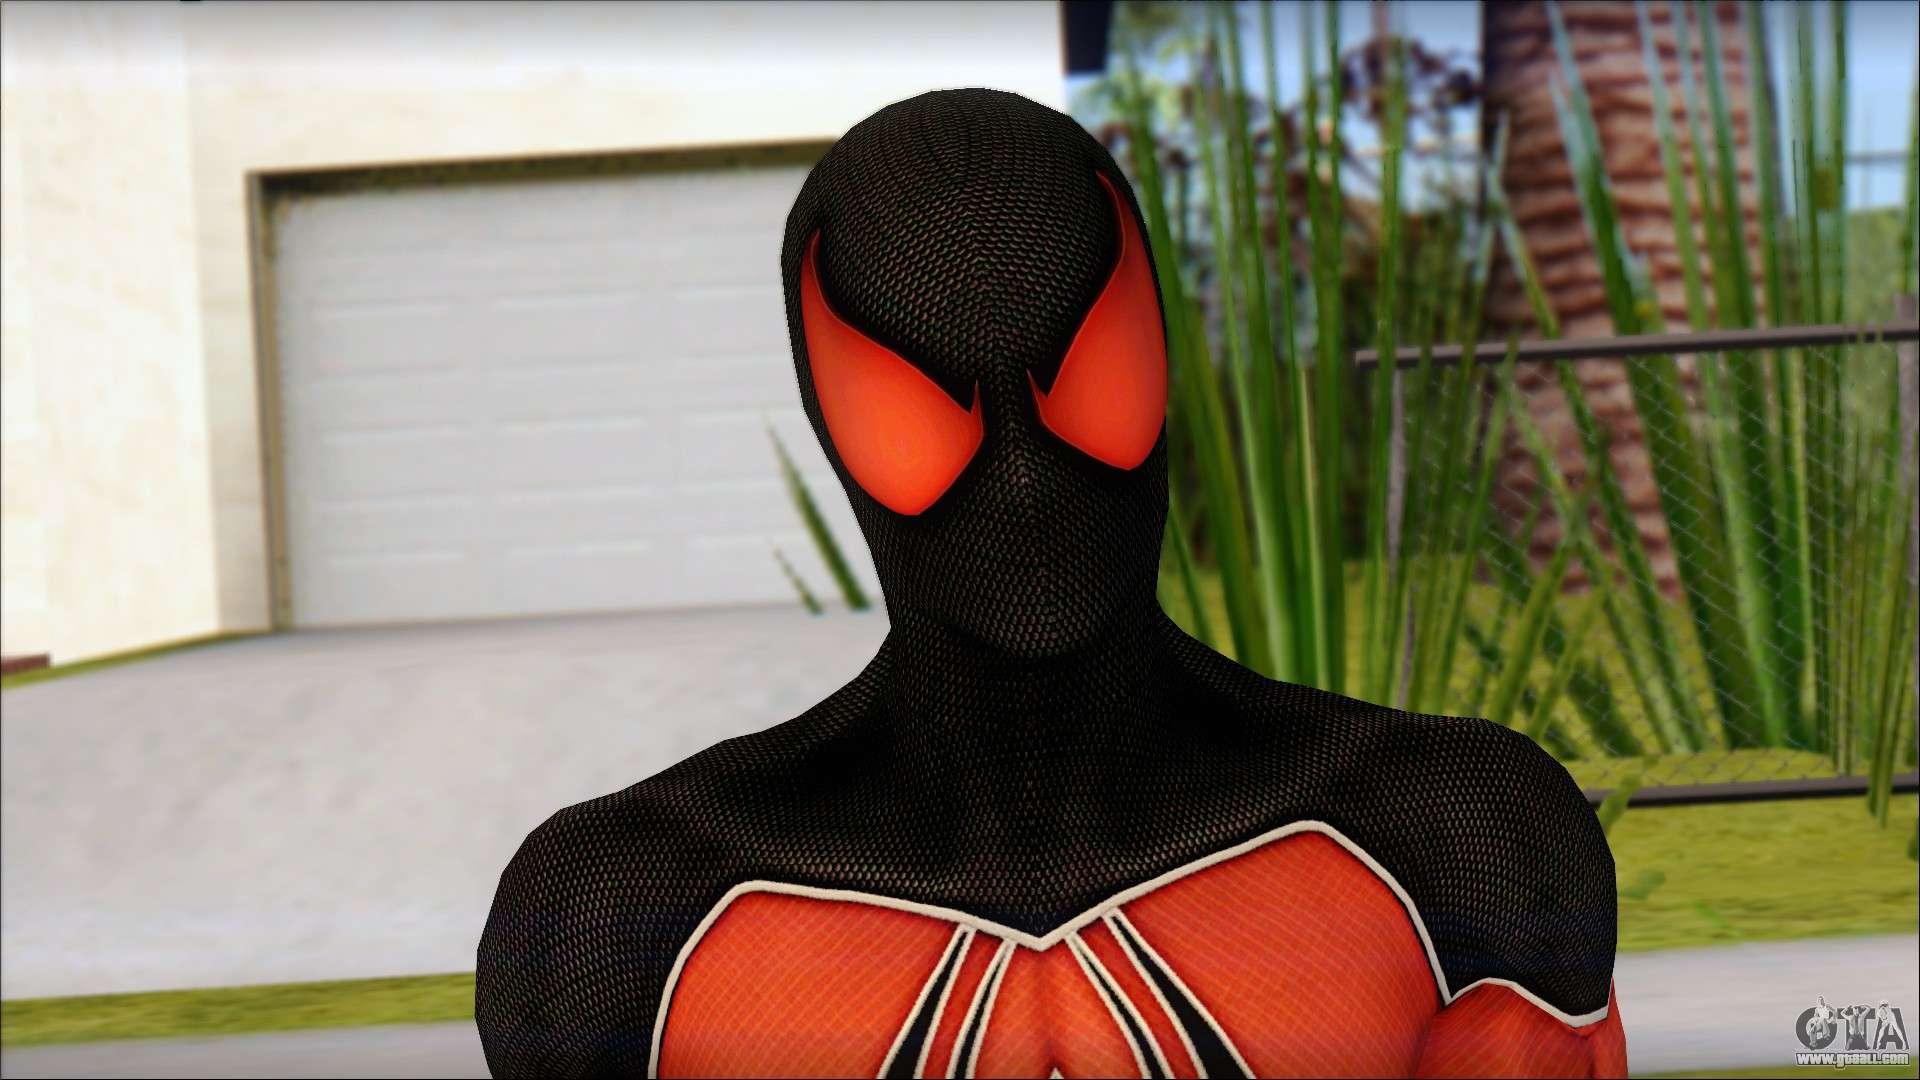 Scarlet Spider Man 2012 Scarlet 2012 Spider Man For